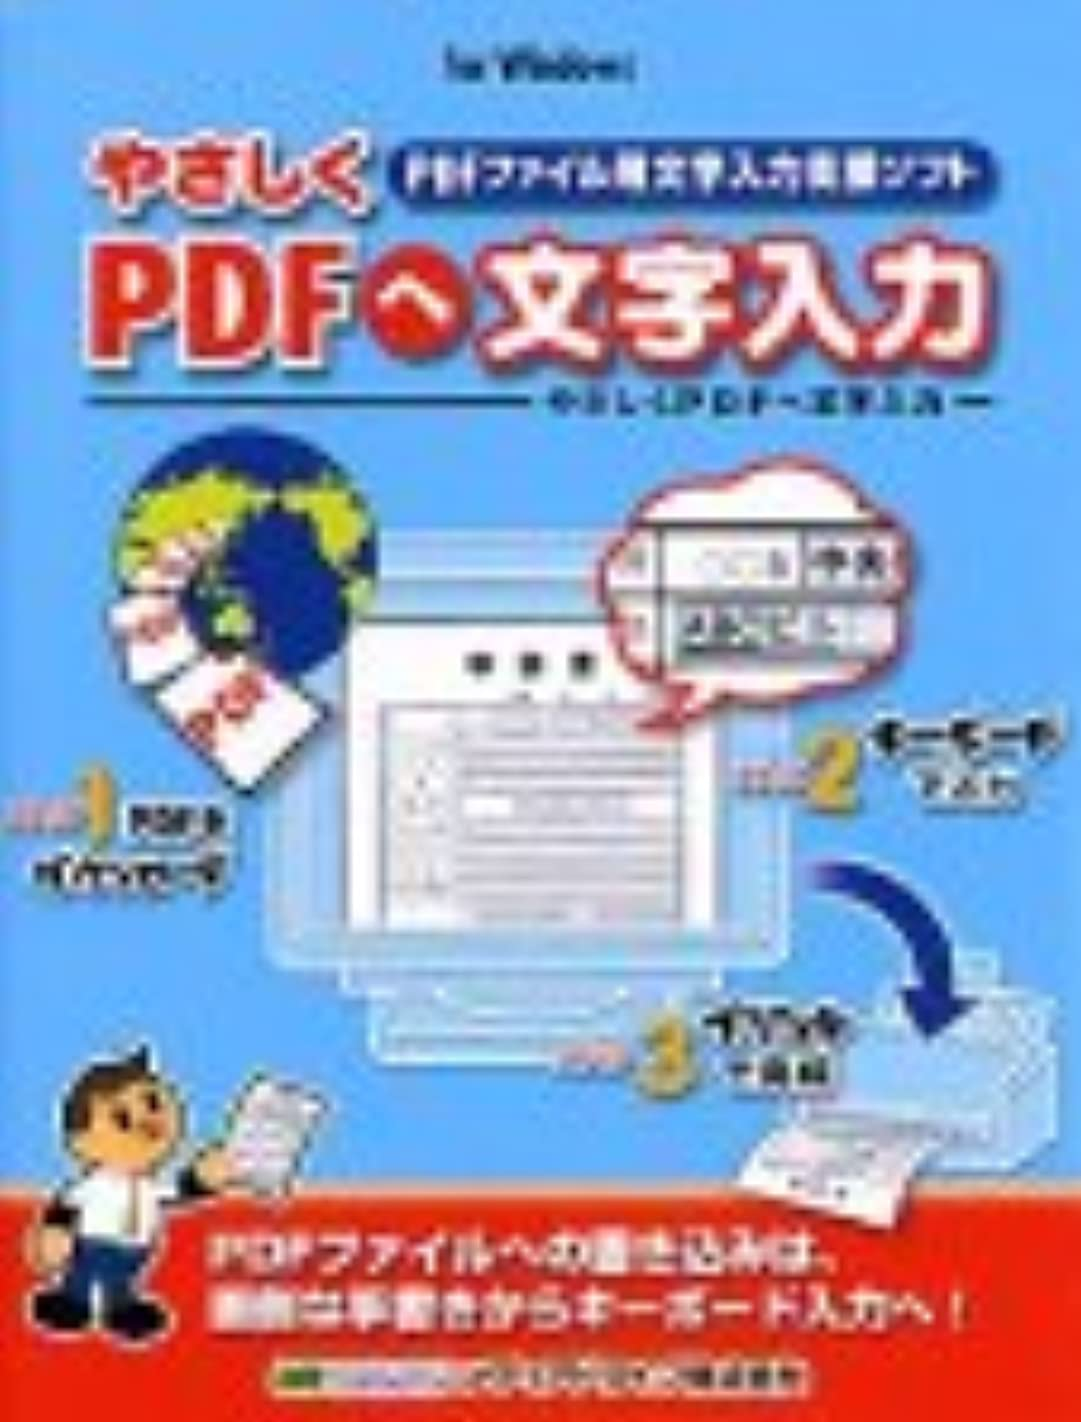 スカウト制約封建やさしくPDFへ文字入力 発売記念キャンペーン 2